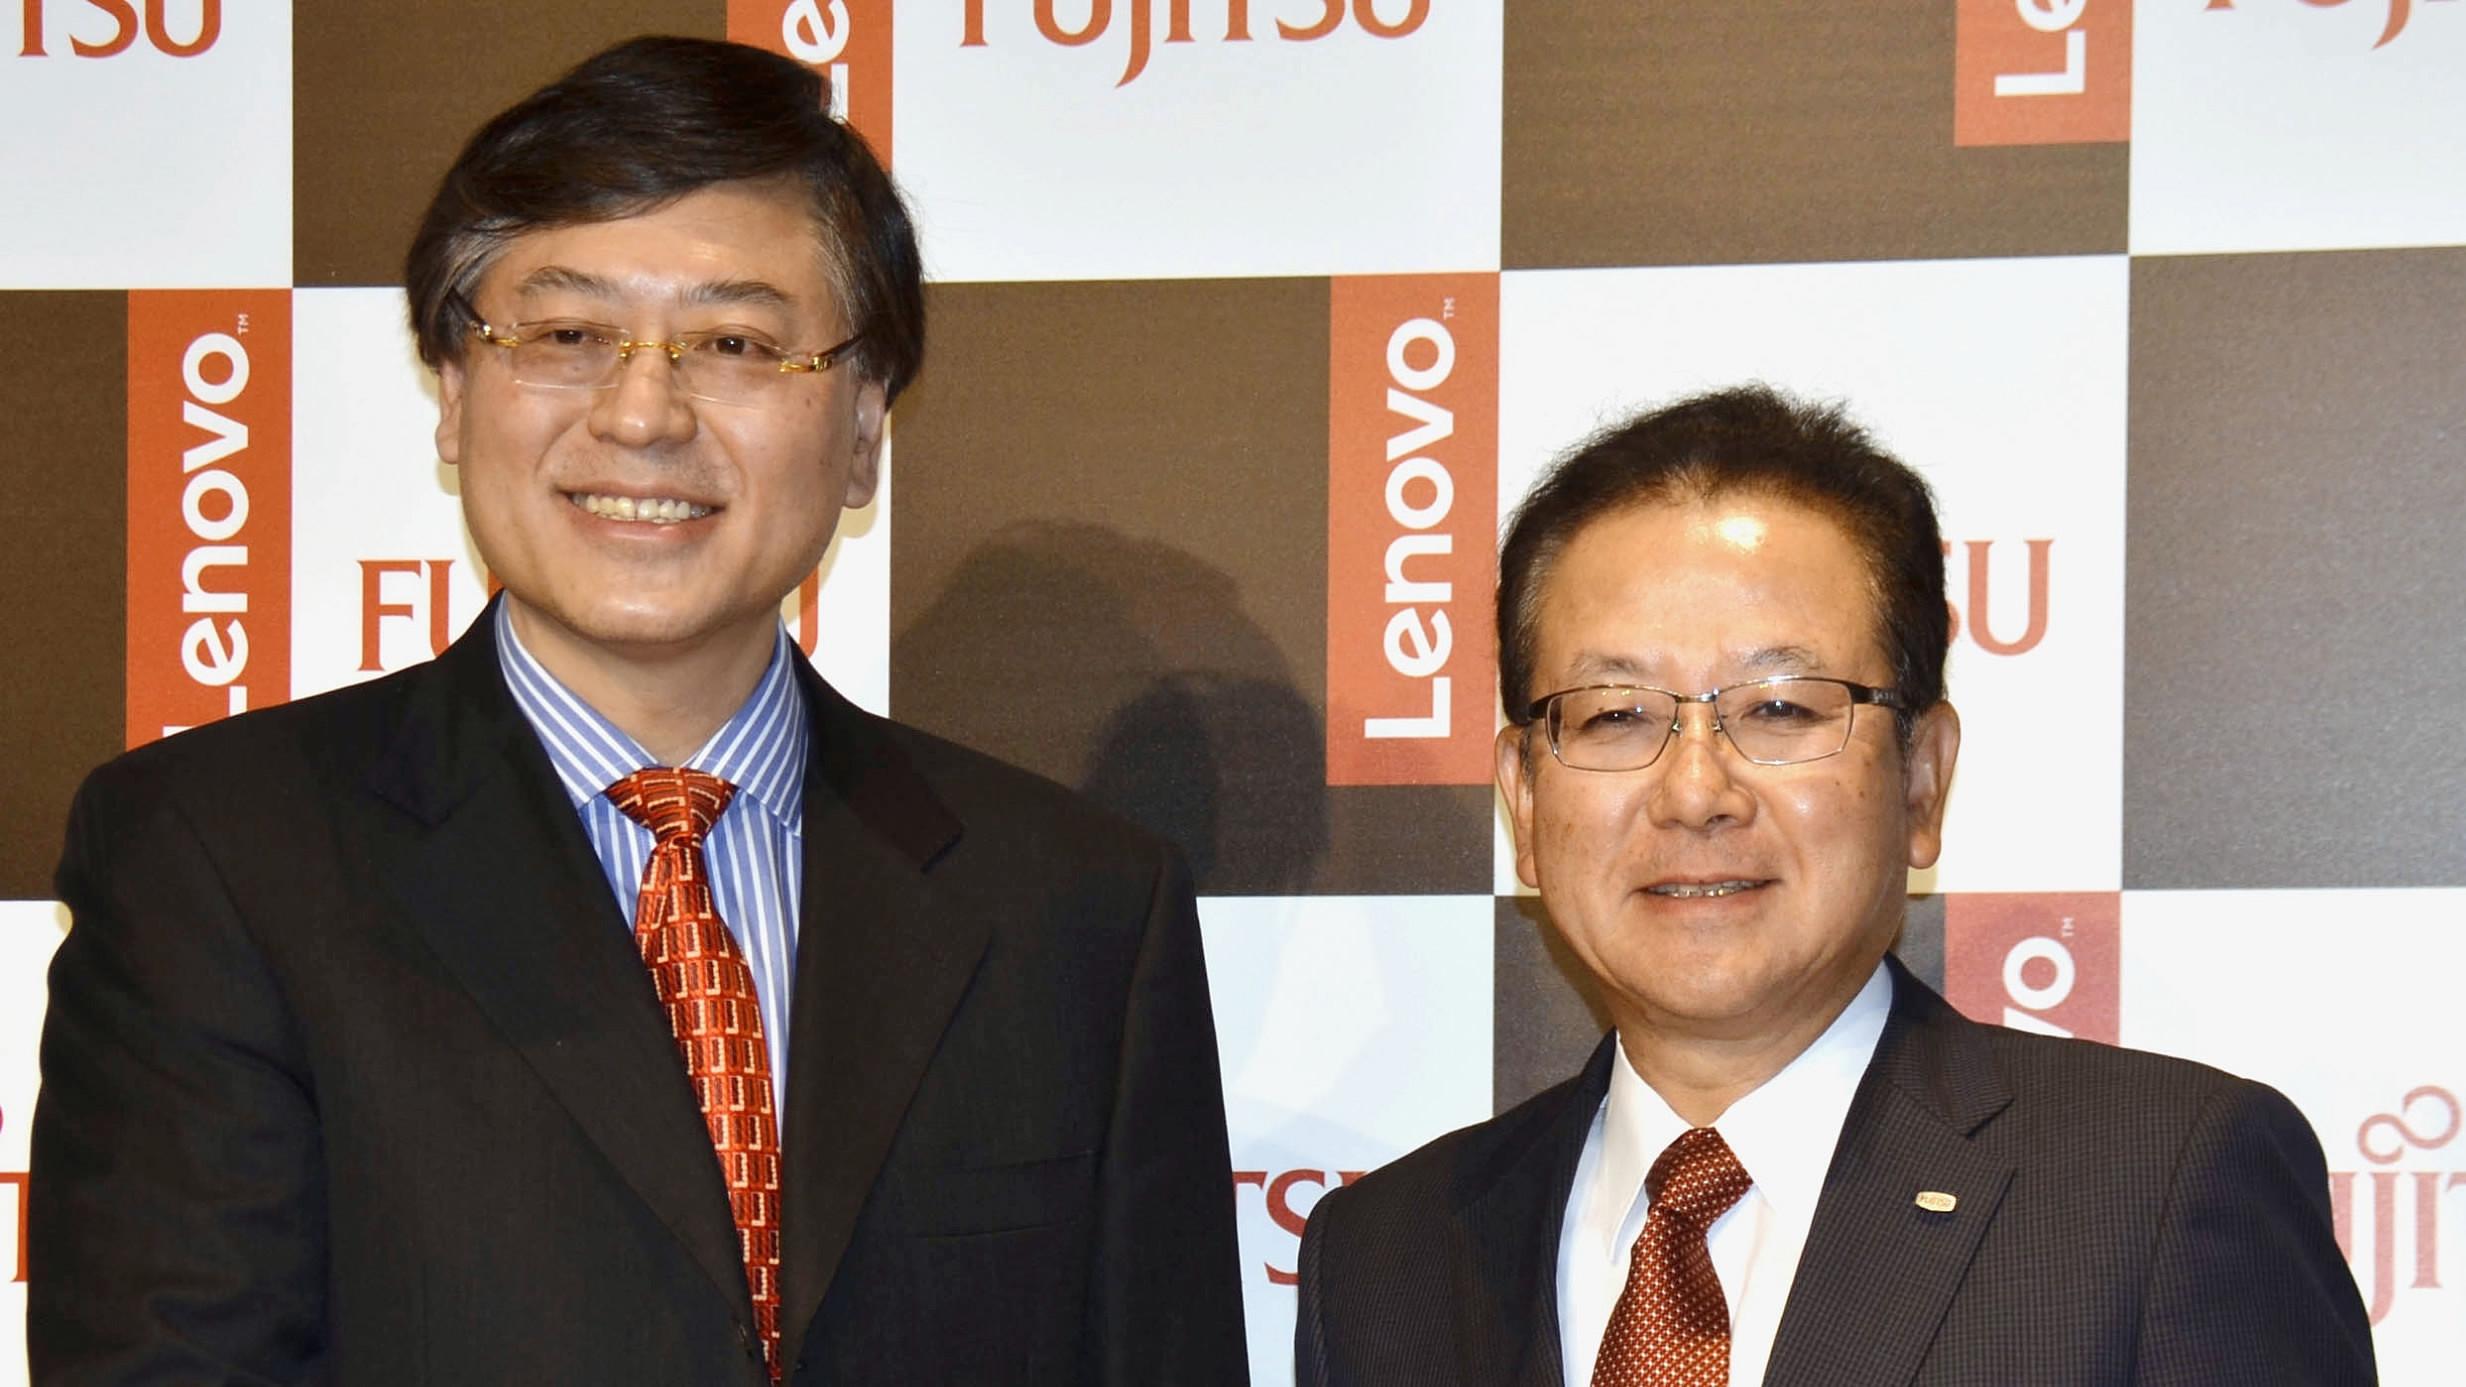 Fujitsu, Lenovo agrees to PC merger